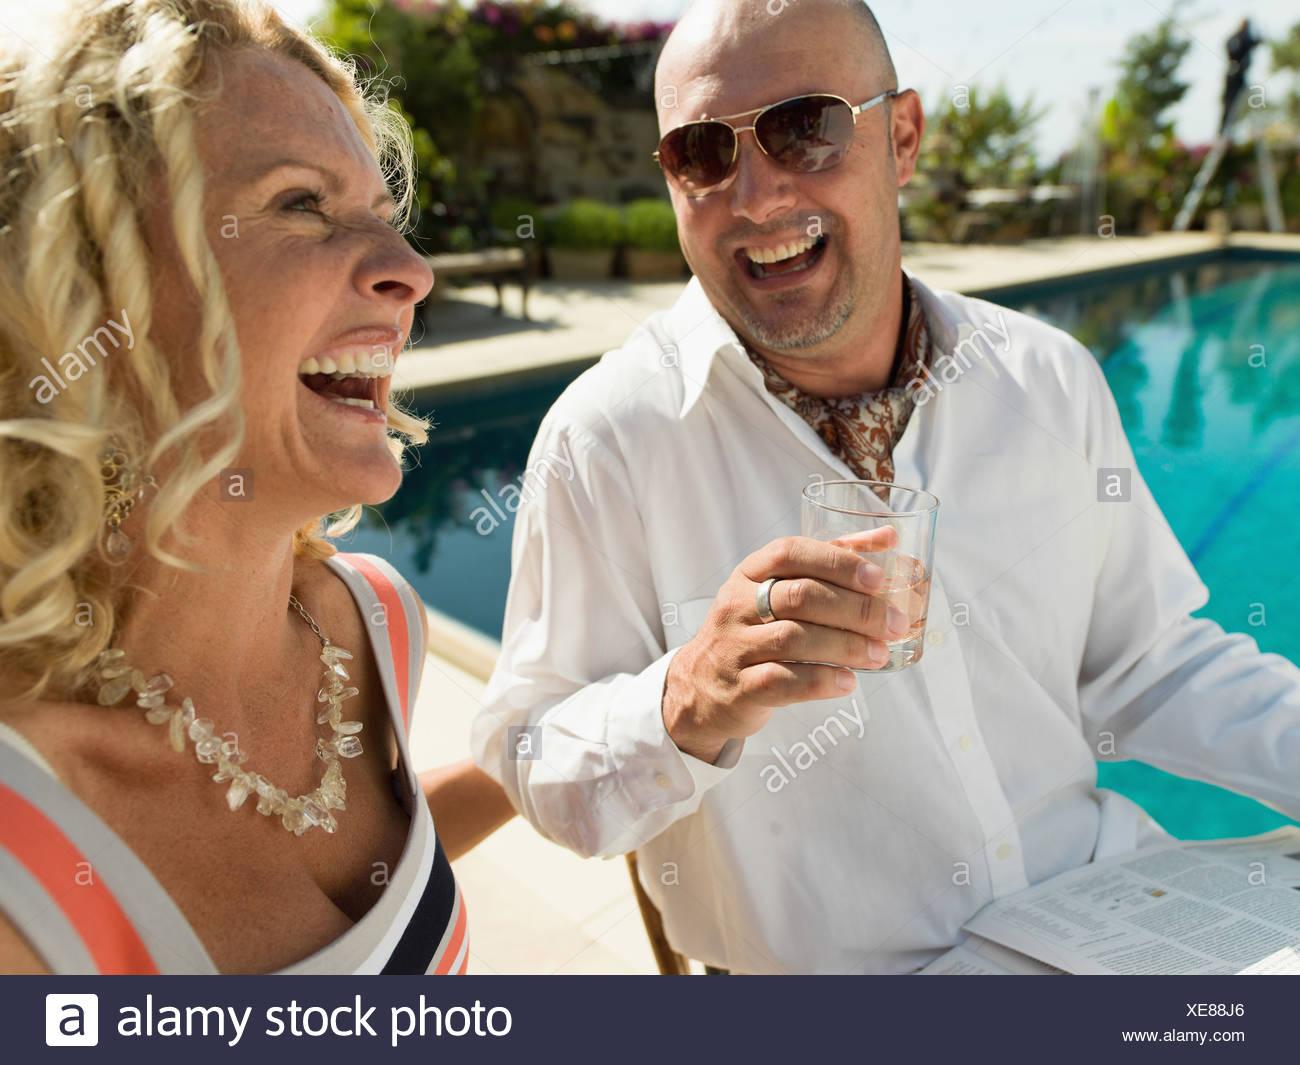 Un giovane uomo si gode il suo drink con una bella donna dal lato di una piscina in San Diego. Immagini Stock